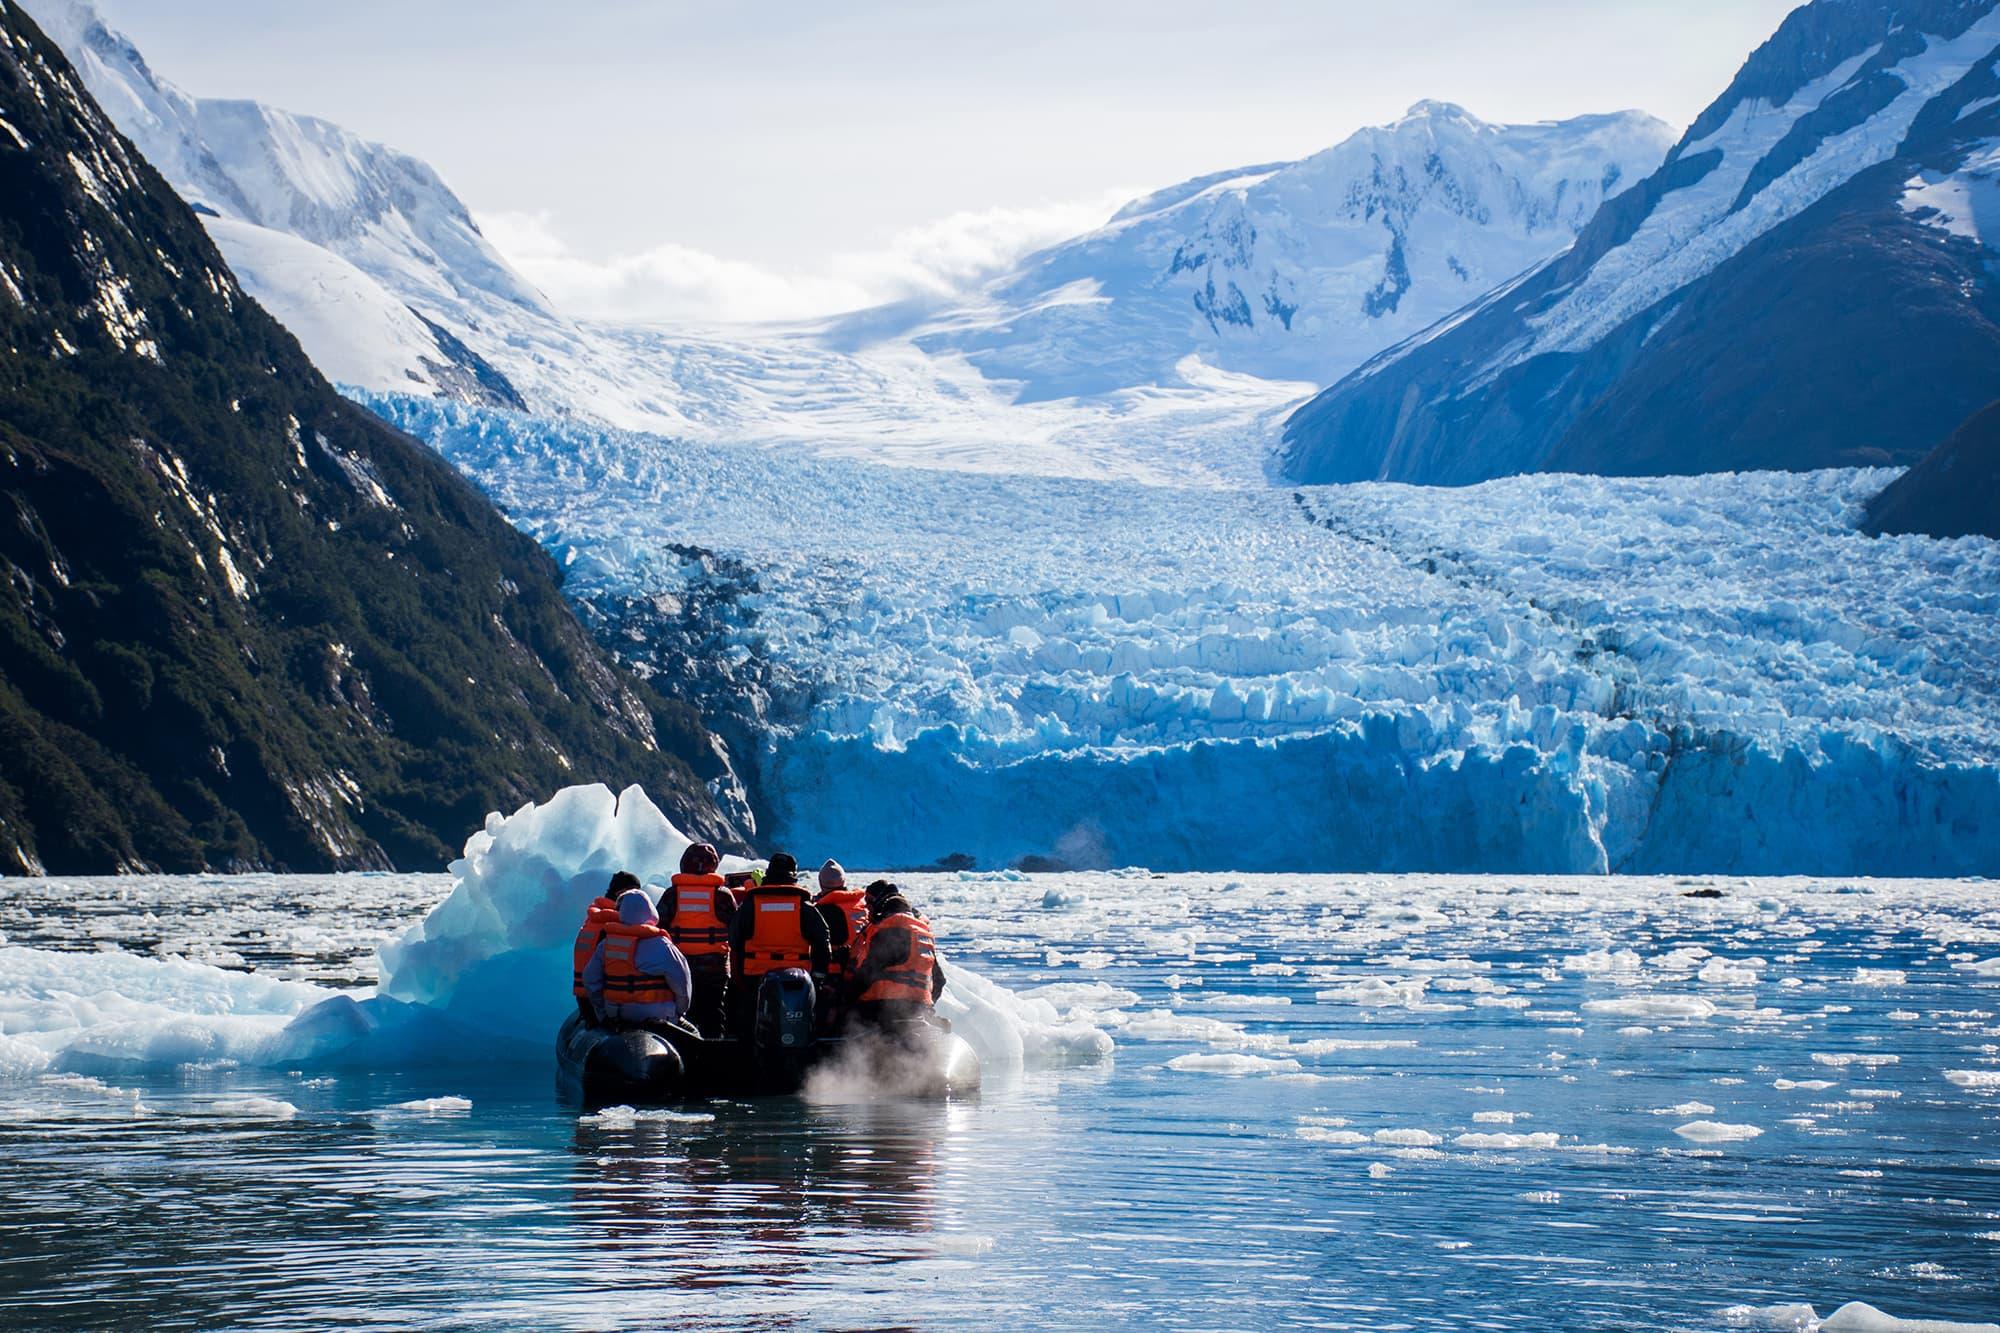 Crucero: Exploradores de la Patagonia - Ushuaia - Punta Arenas - Argentina- imagen #7